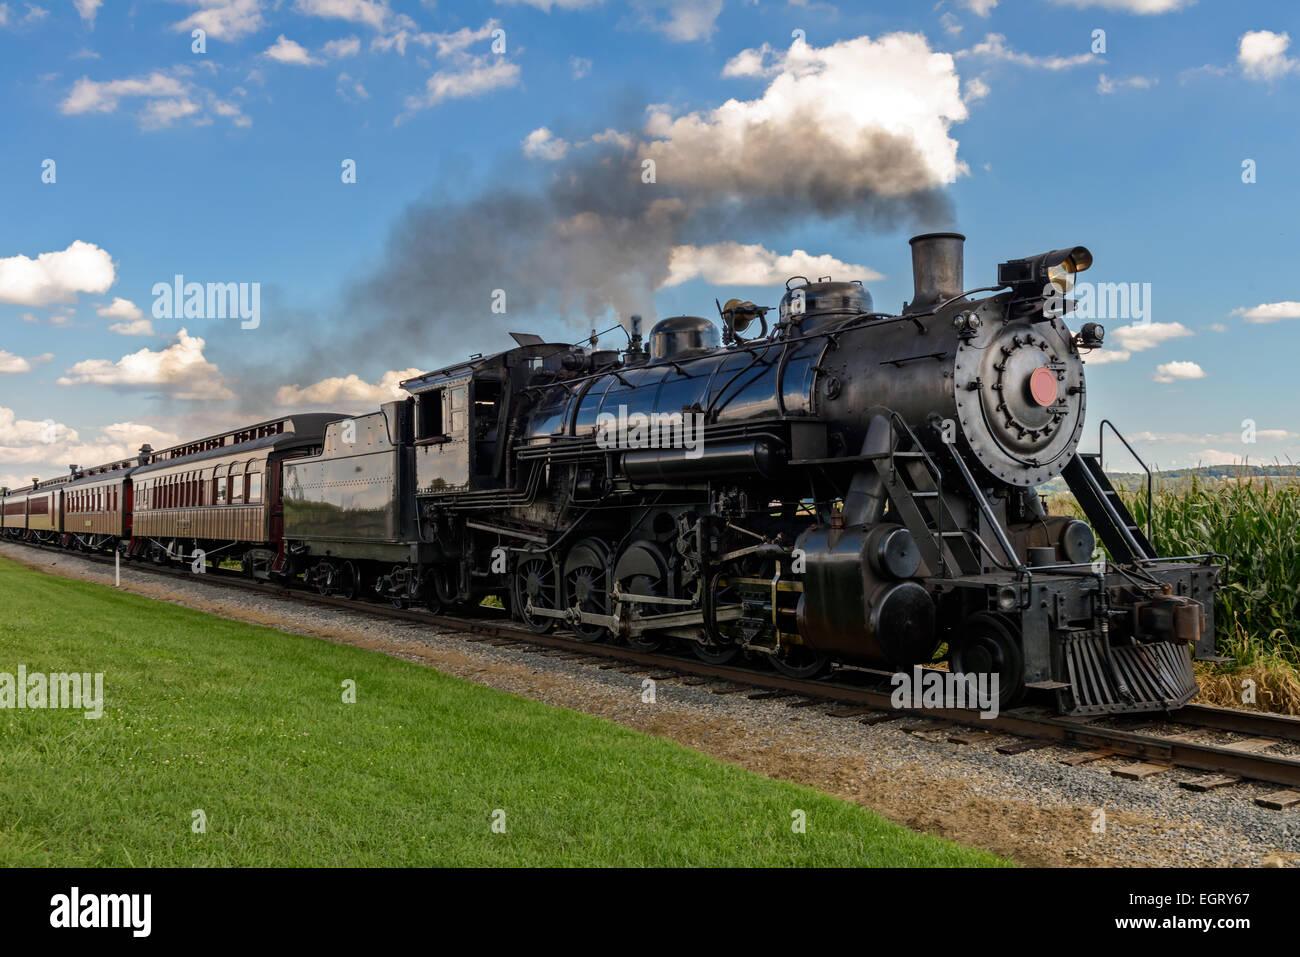 Histórico tren a vapor pasa a través de los campos Imagen De Stock